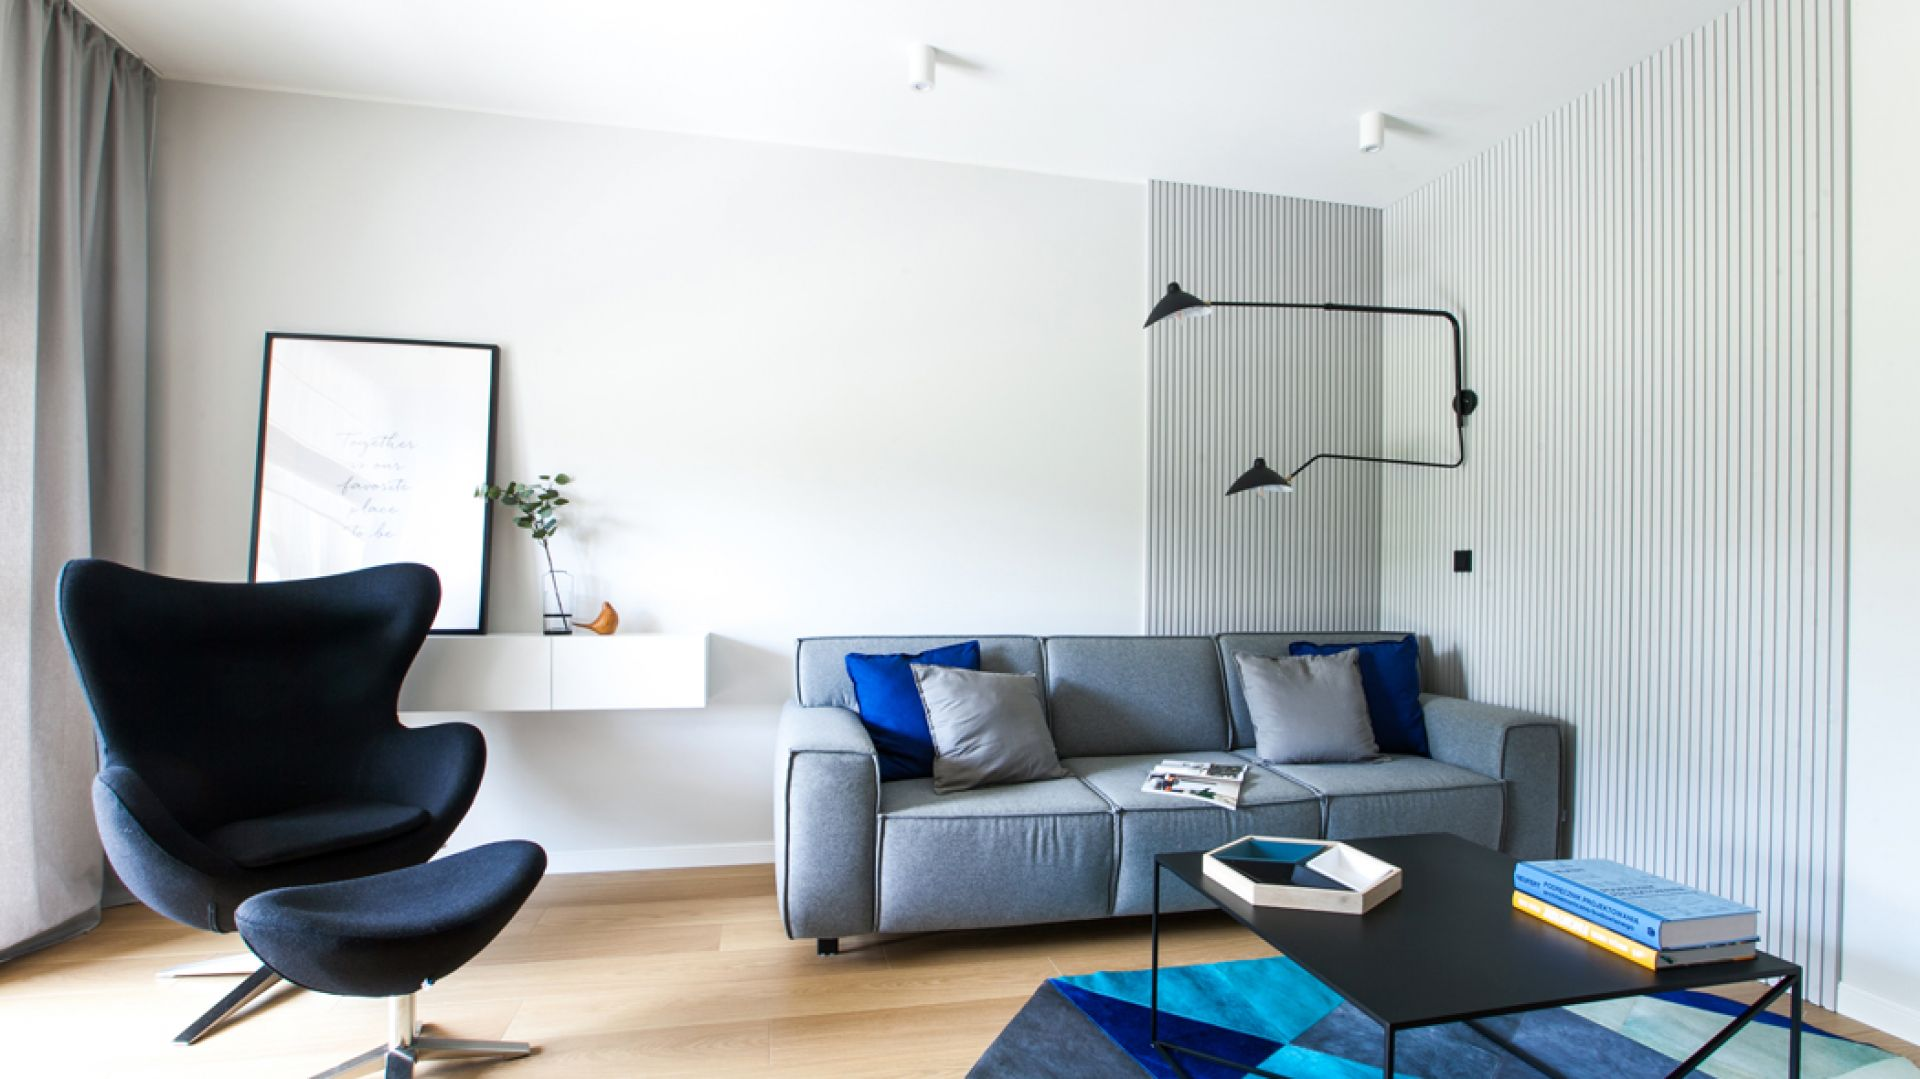 Mieszkanie zostało urządzone w nowoczesnym stylu, w monochromatycznych barwach ocieplonych naturalnym dębem. Projekt: Sandra Maculewicz. Fot. Łukasz Pepol